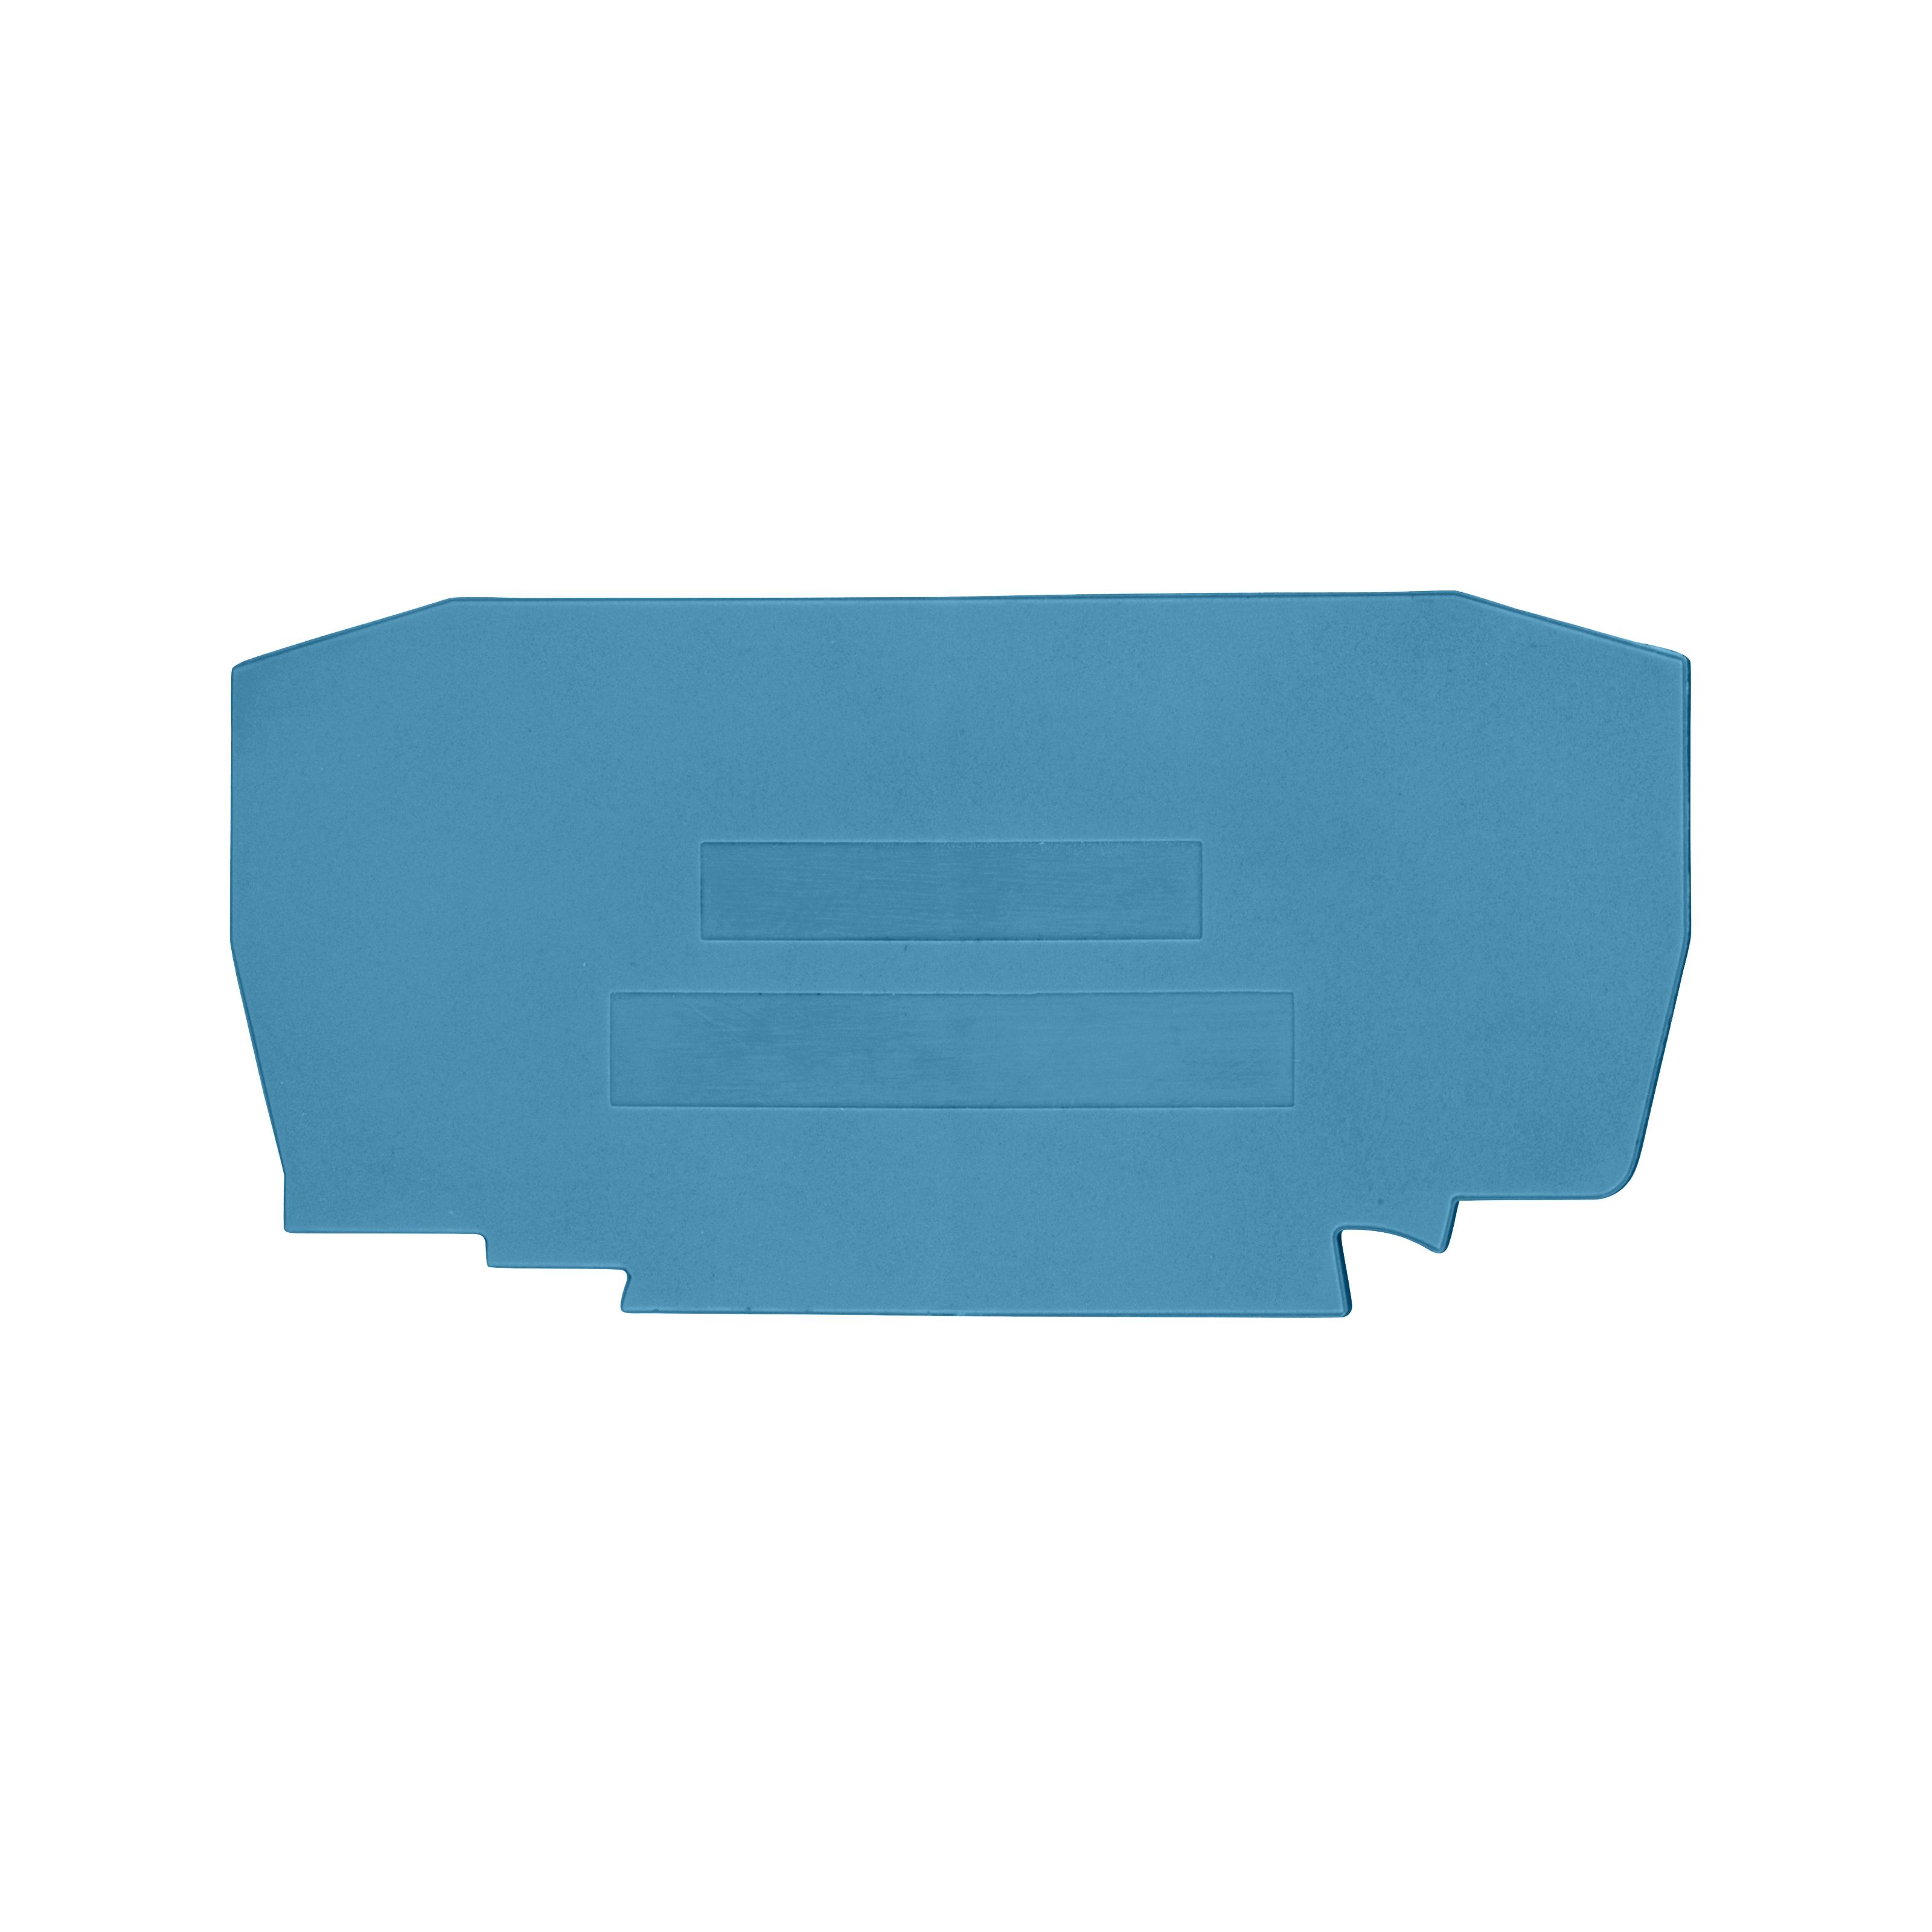 Cleme sir-conexiune elastica IK631839